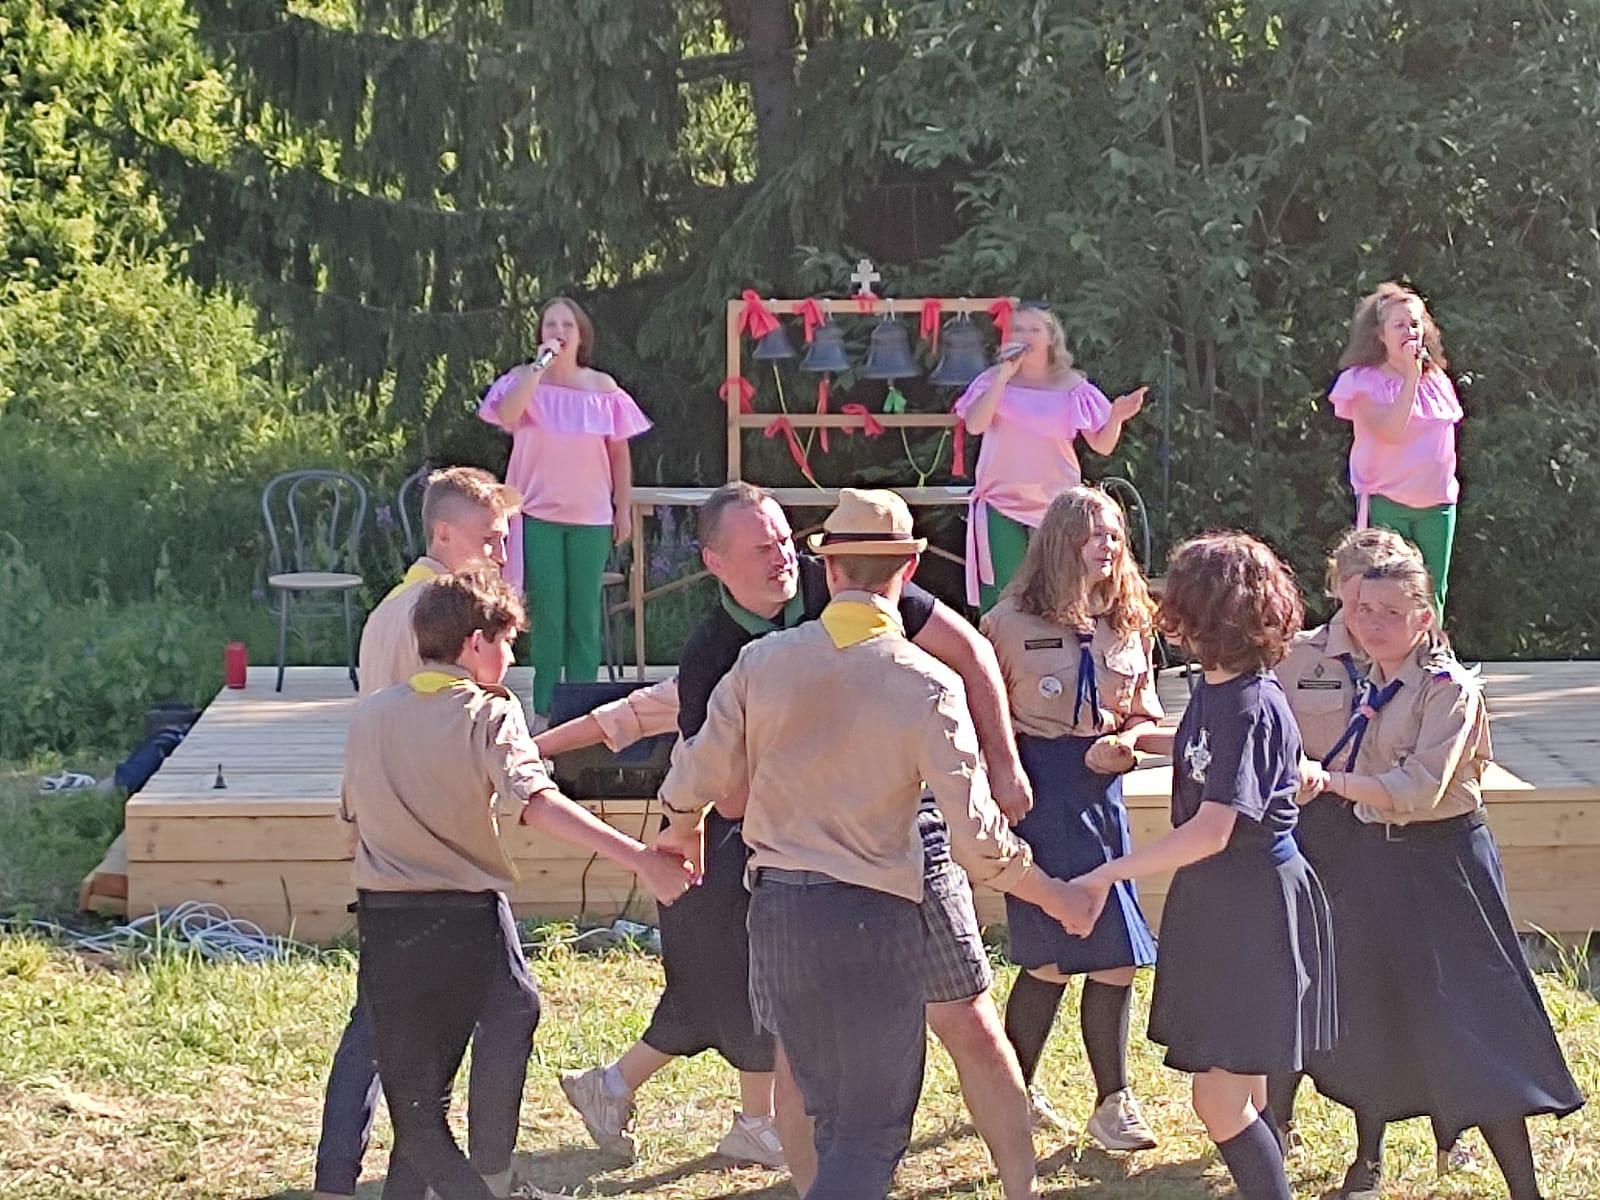 Участники епархиальной экспедиции «ПроСвет» поздравили жителей Белозерска с Днём города